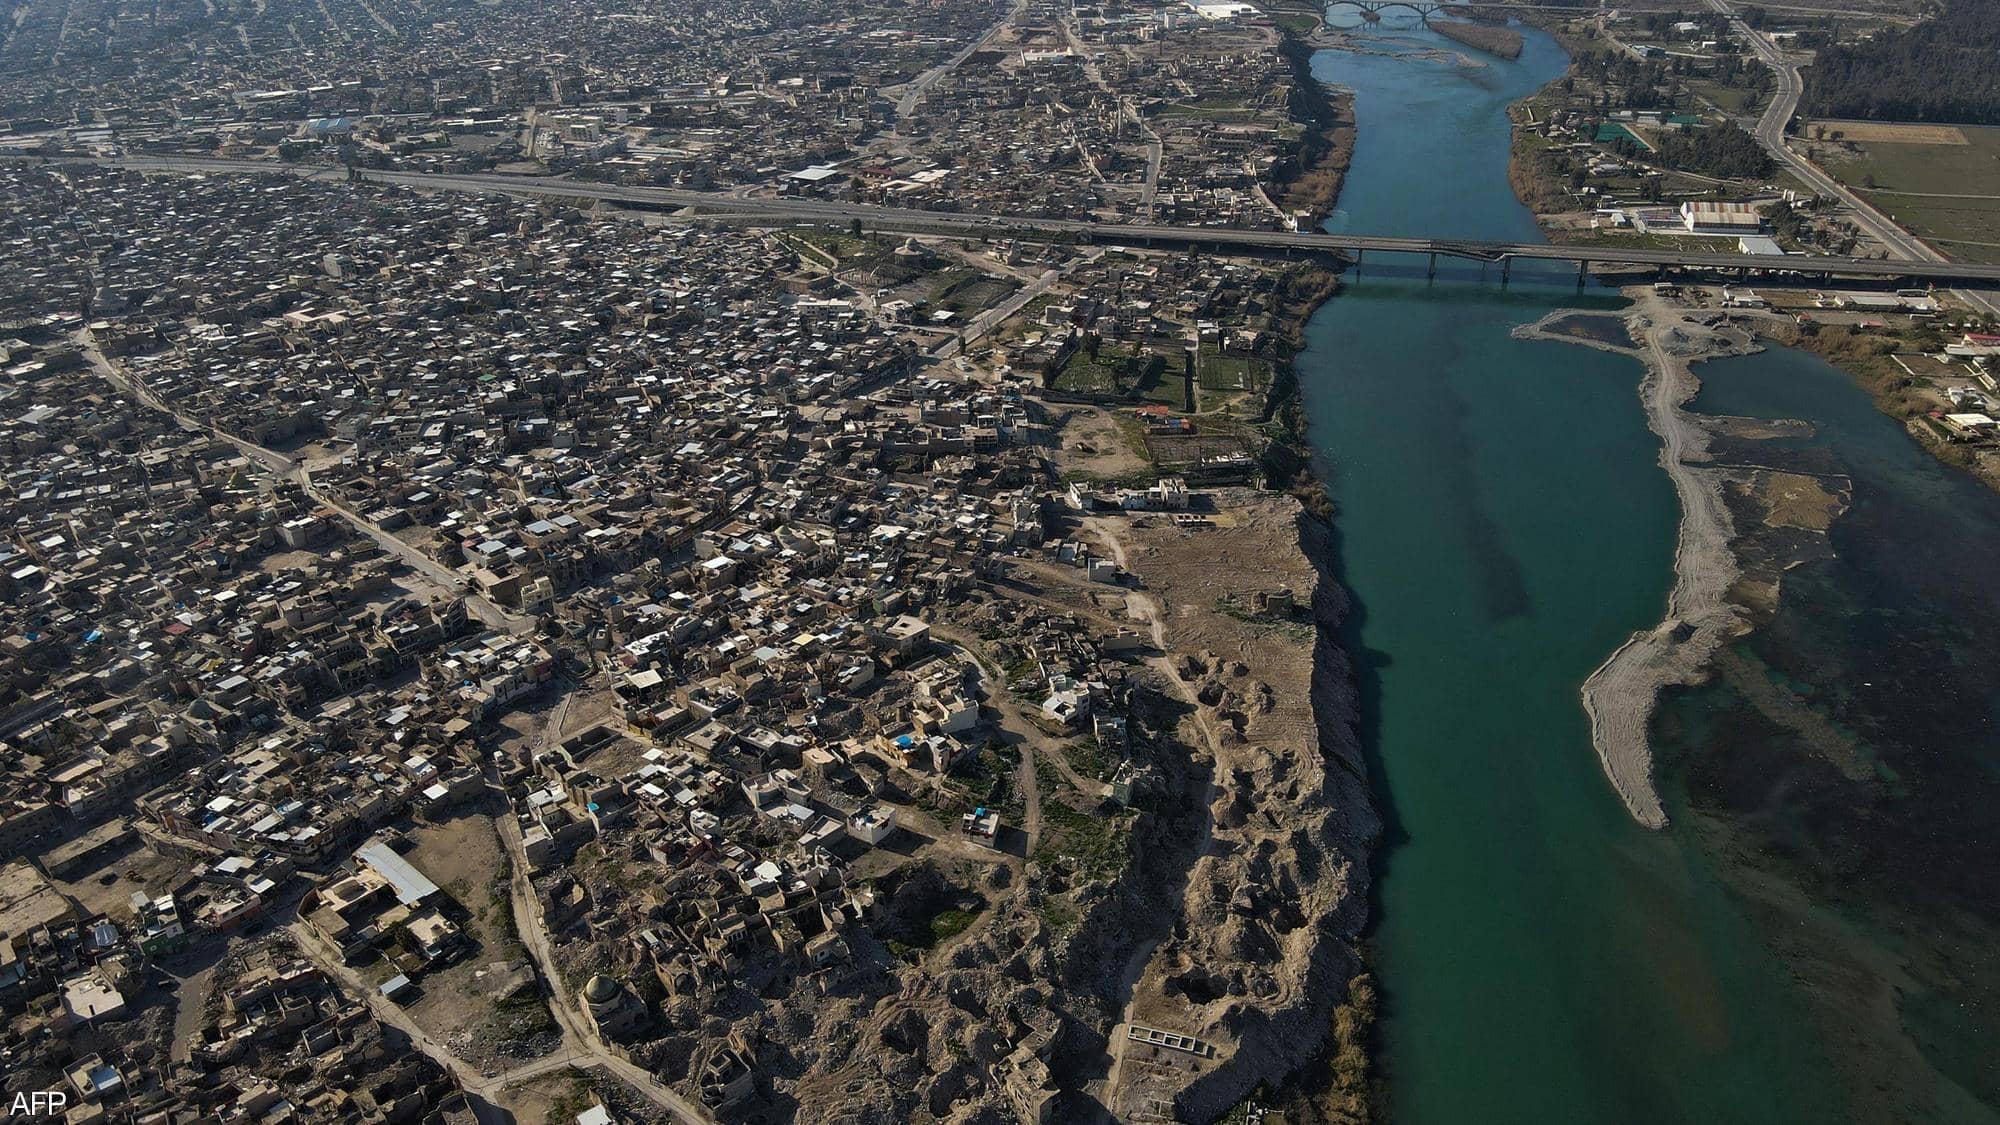 ايران وتركيا تساهمات في تناقص المياهالنهرية  بشكل ملحوظ سيؤدي الى كارثة